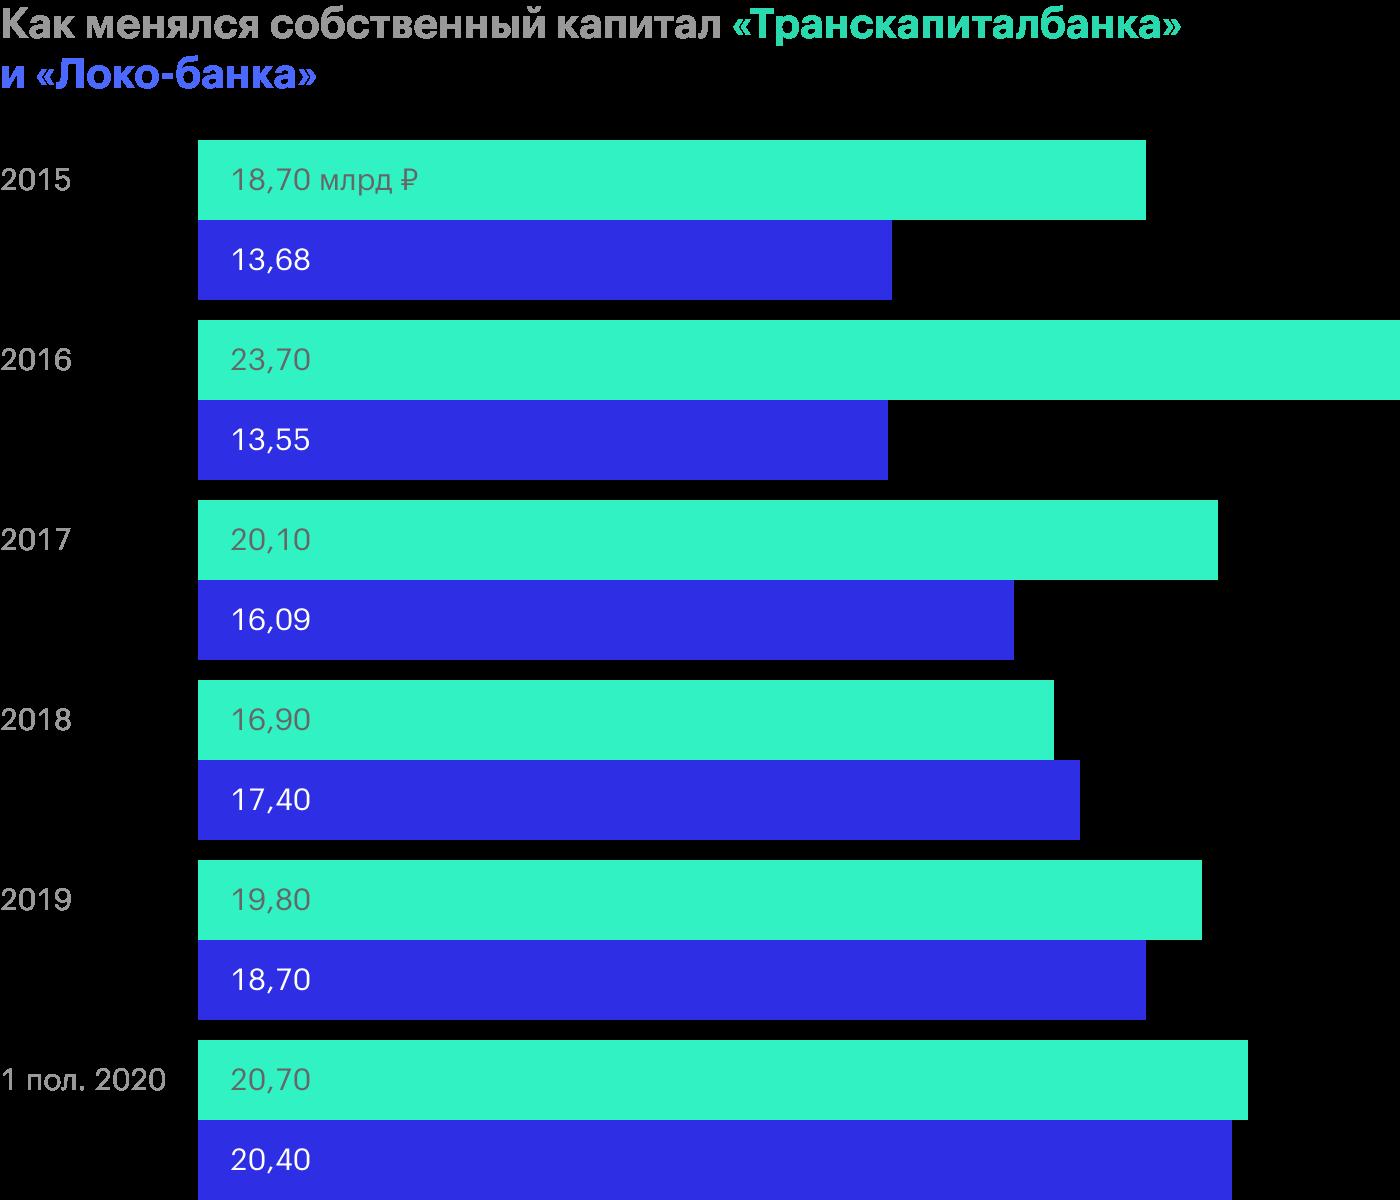 Источник: финансовые отчеты «Локо-банка» и «Транскапиталбанка» по МСФО